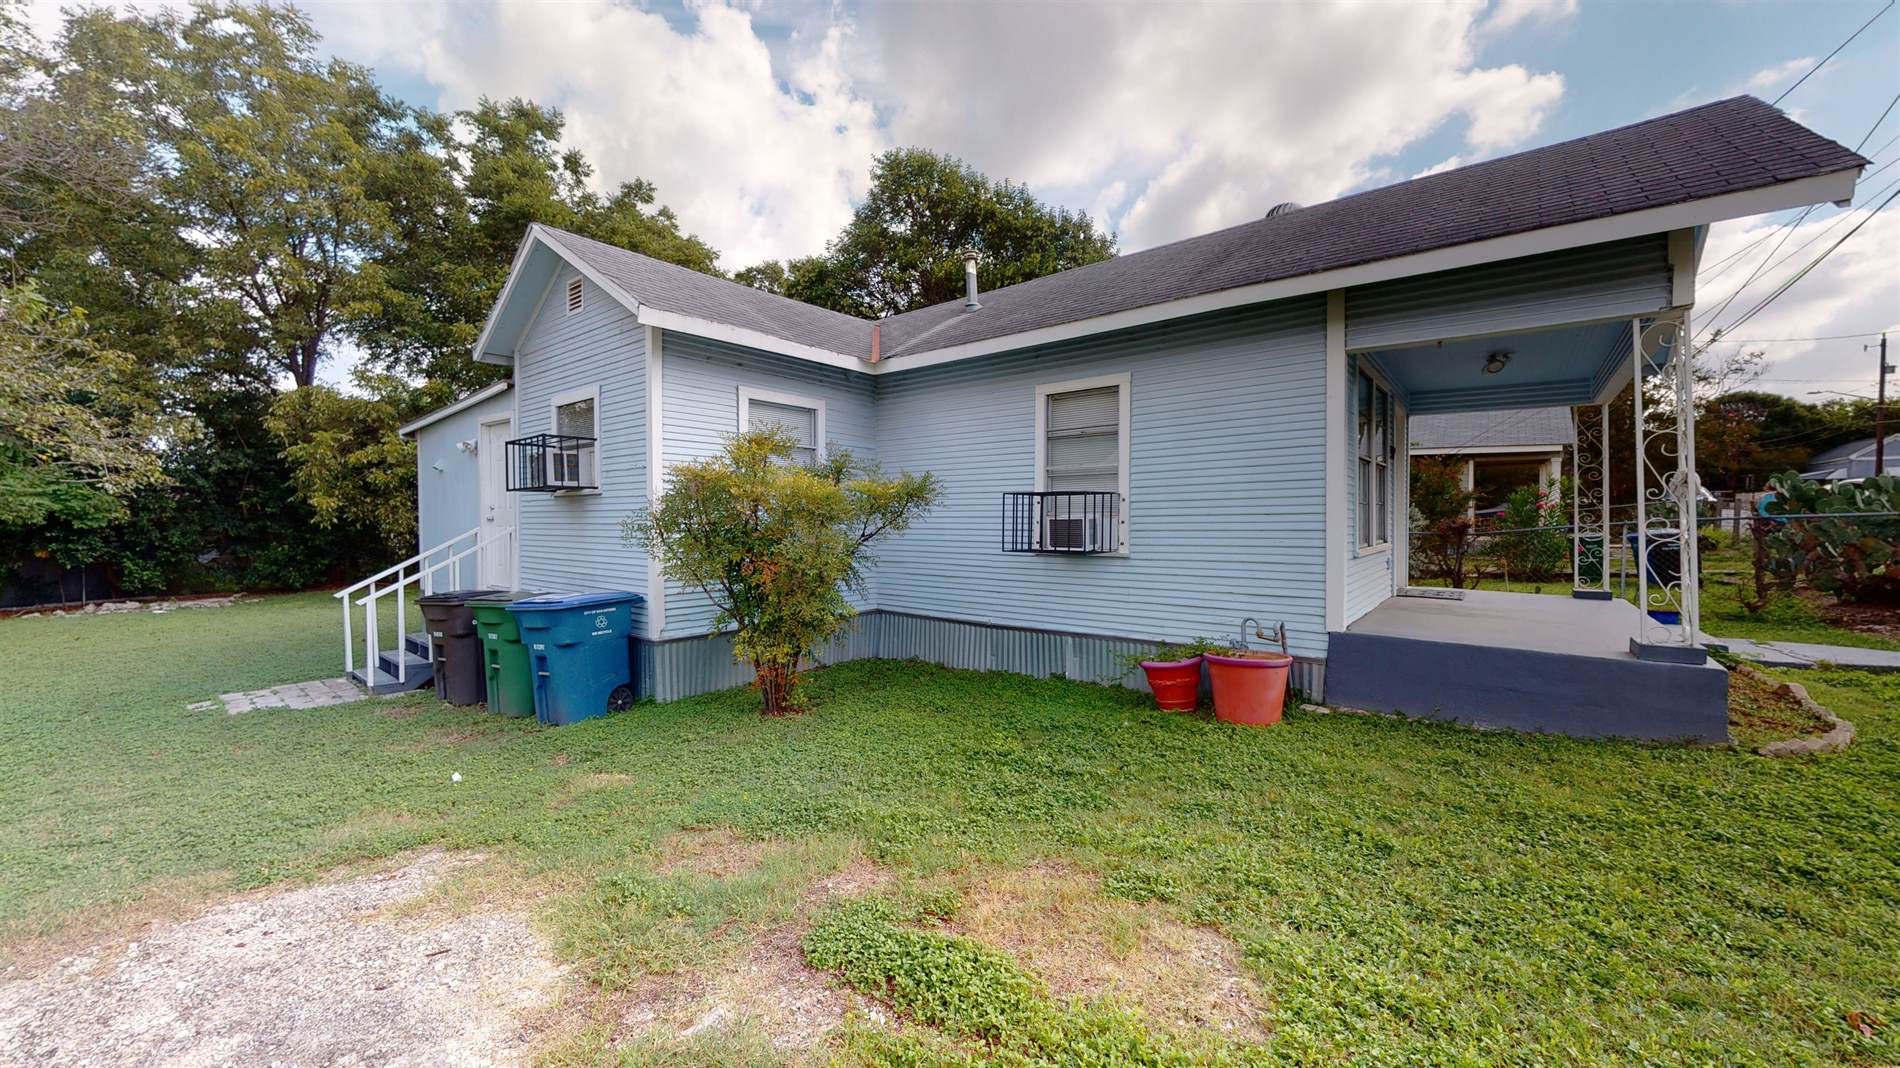 139 Dora St, San Antonio, TX 78212